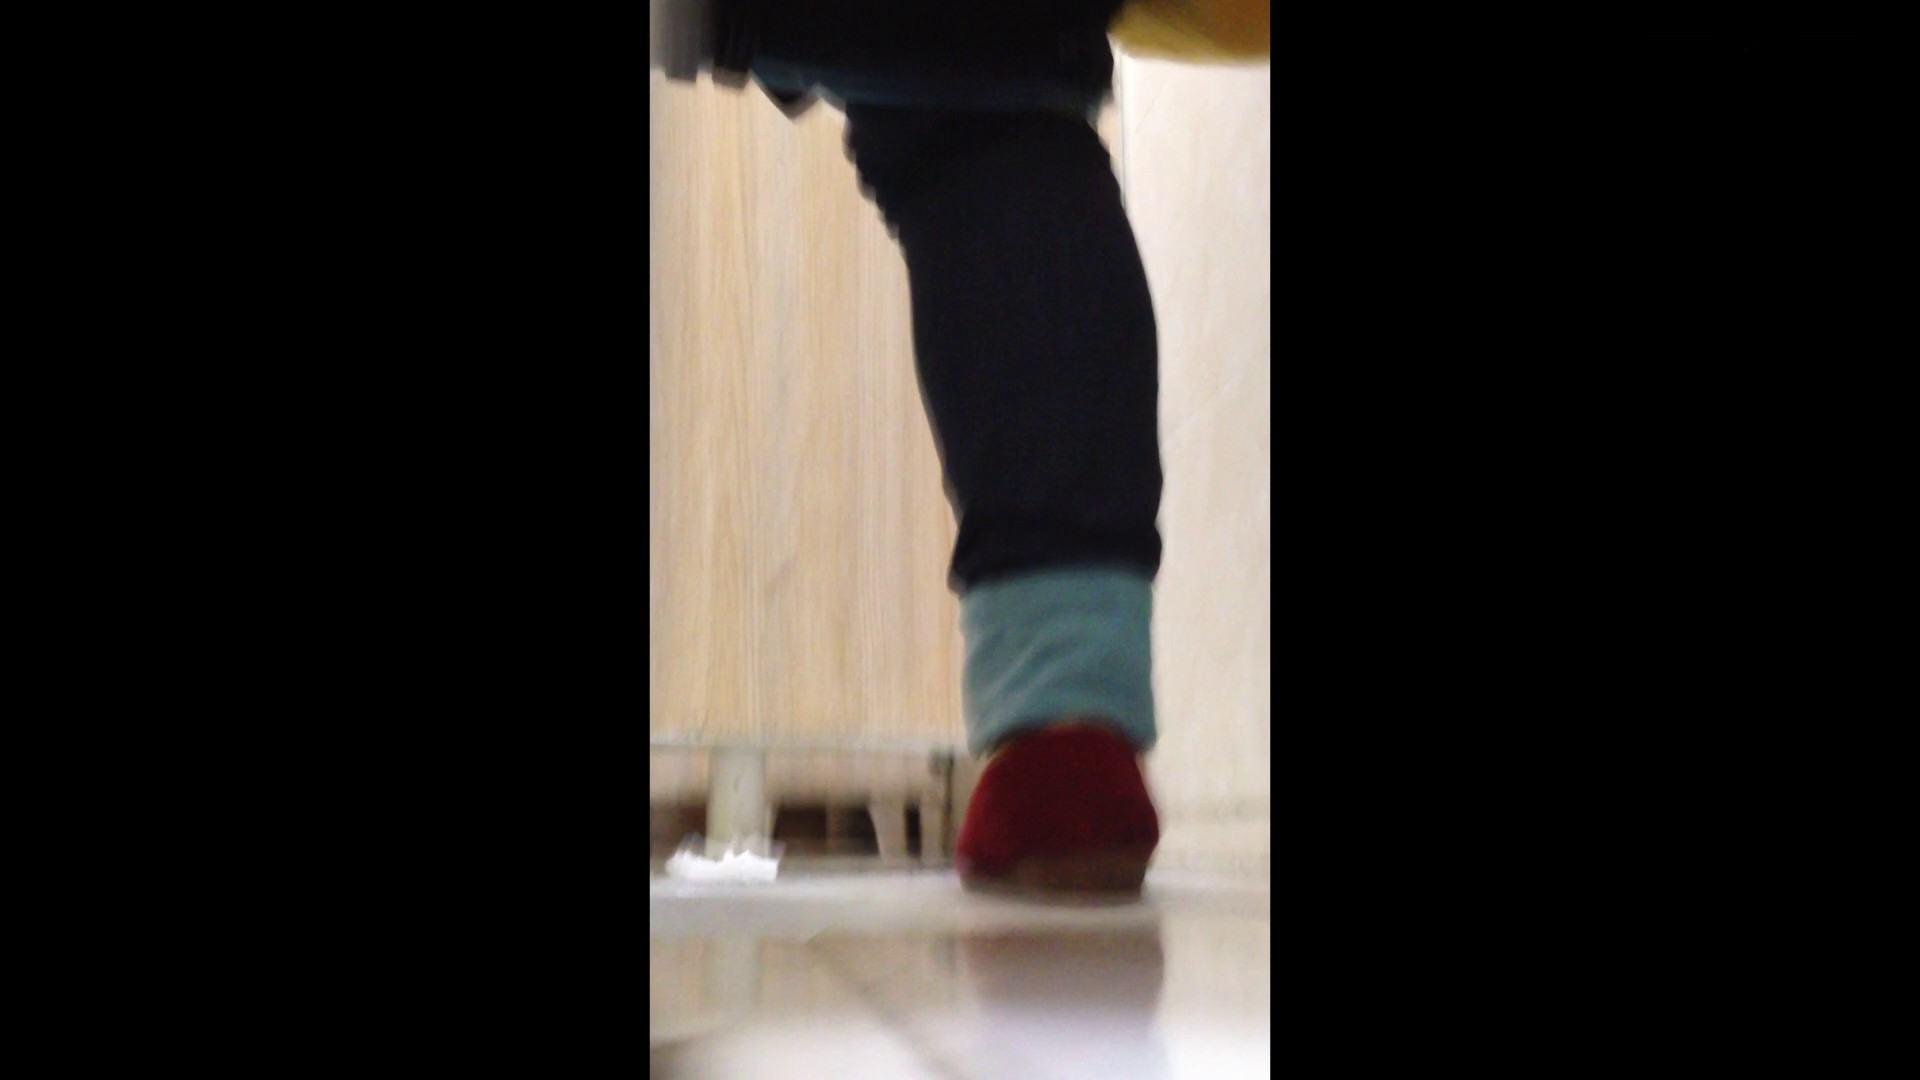 芸術大学ガチ潜入盗撮 JD盗撮 美女の洗面所の秘密 Vol.87 トイレ盗撮 オマンコ動画キャプチャ 110枚 23